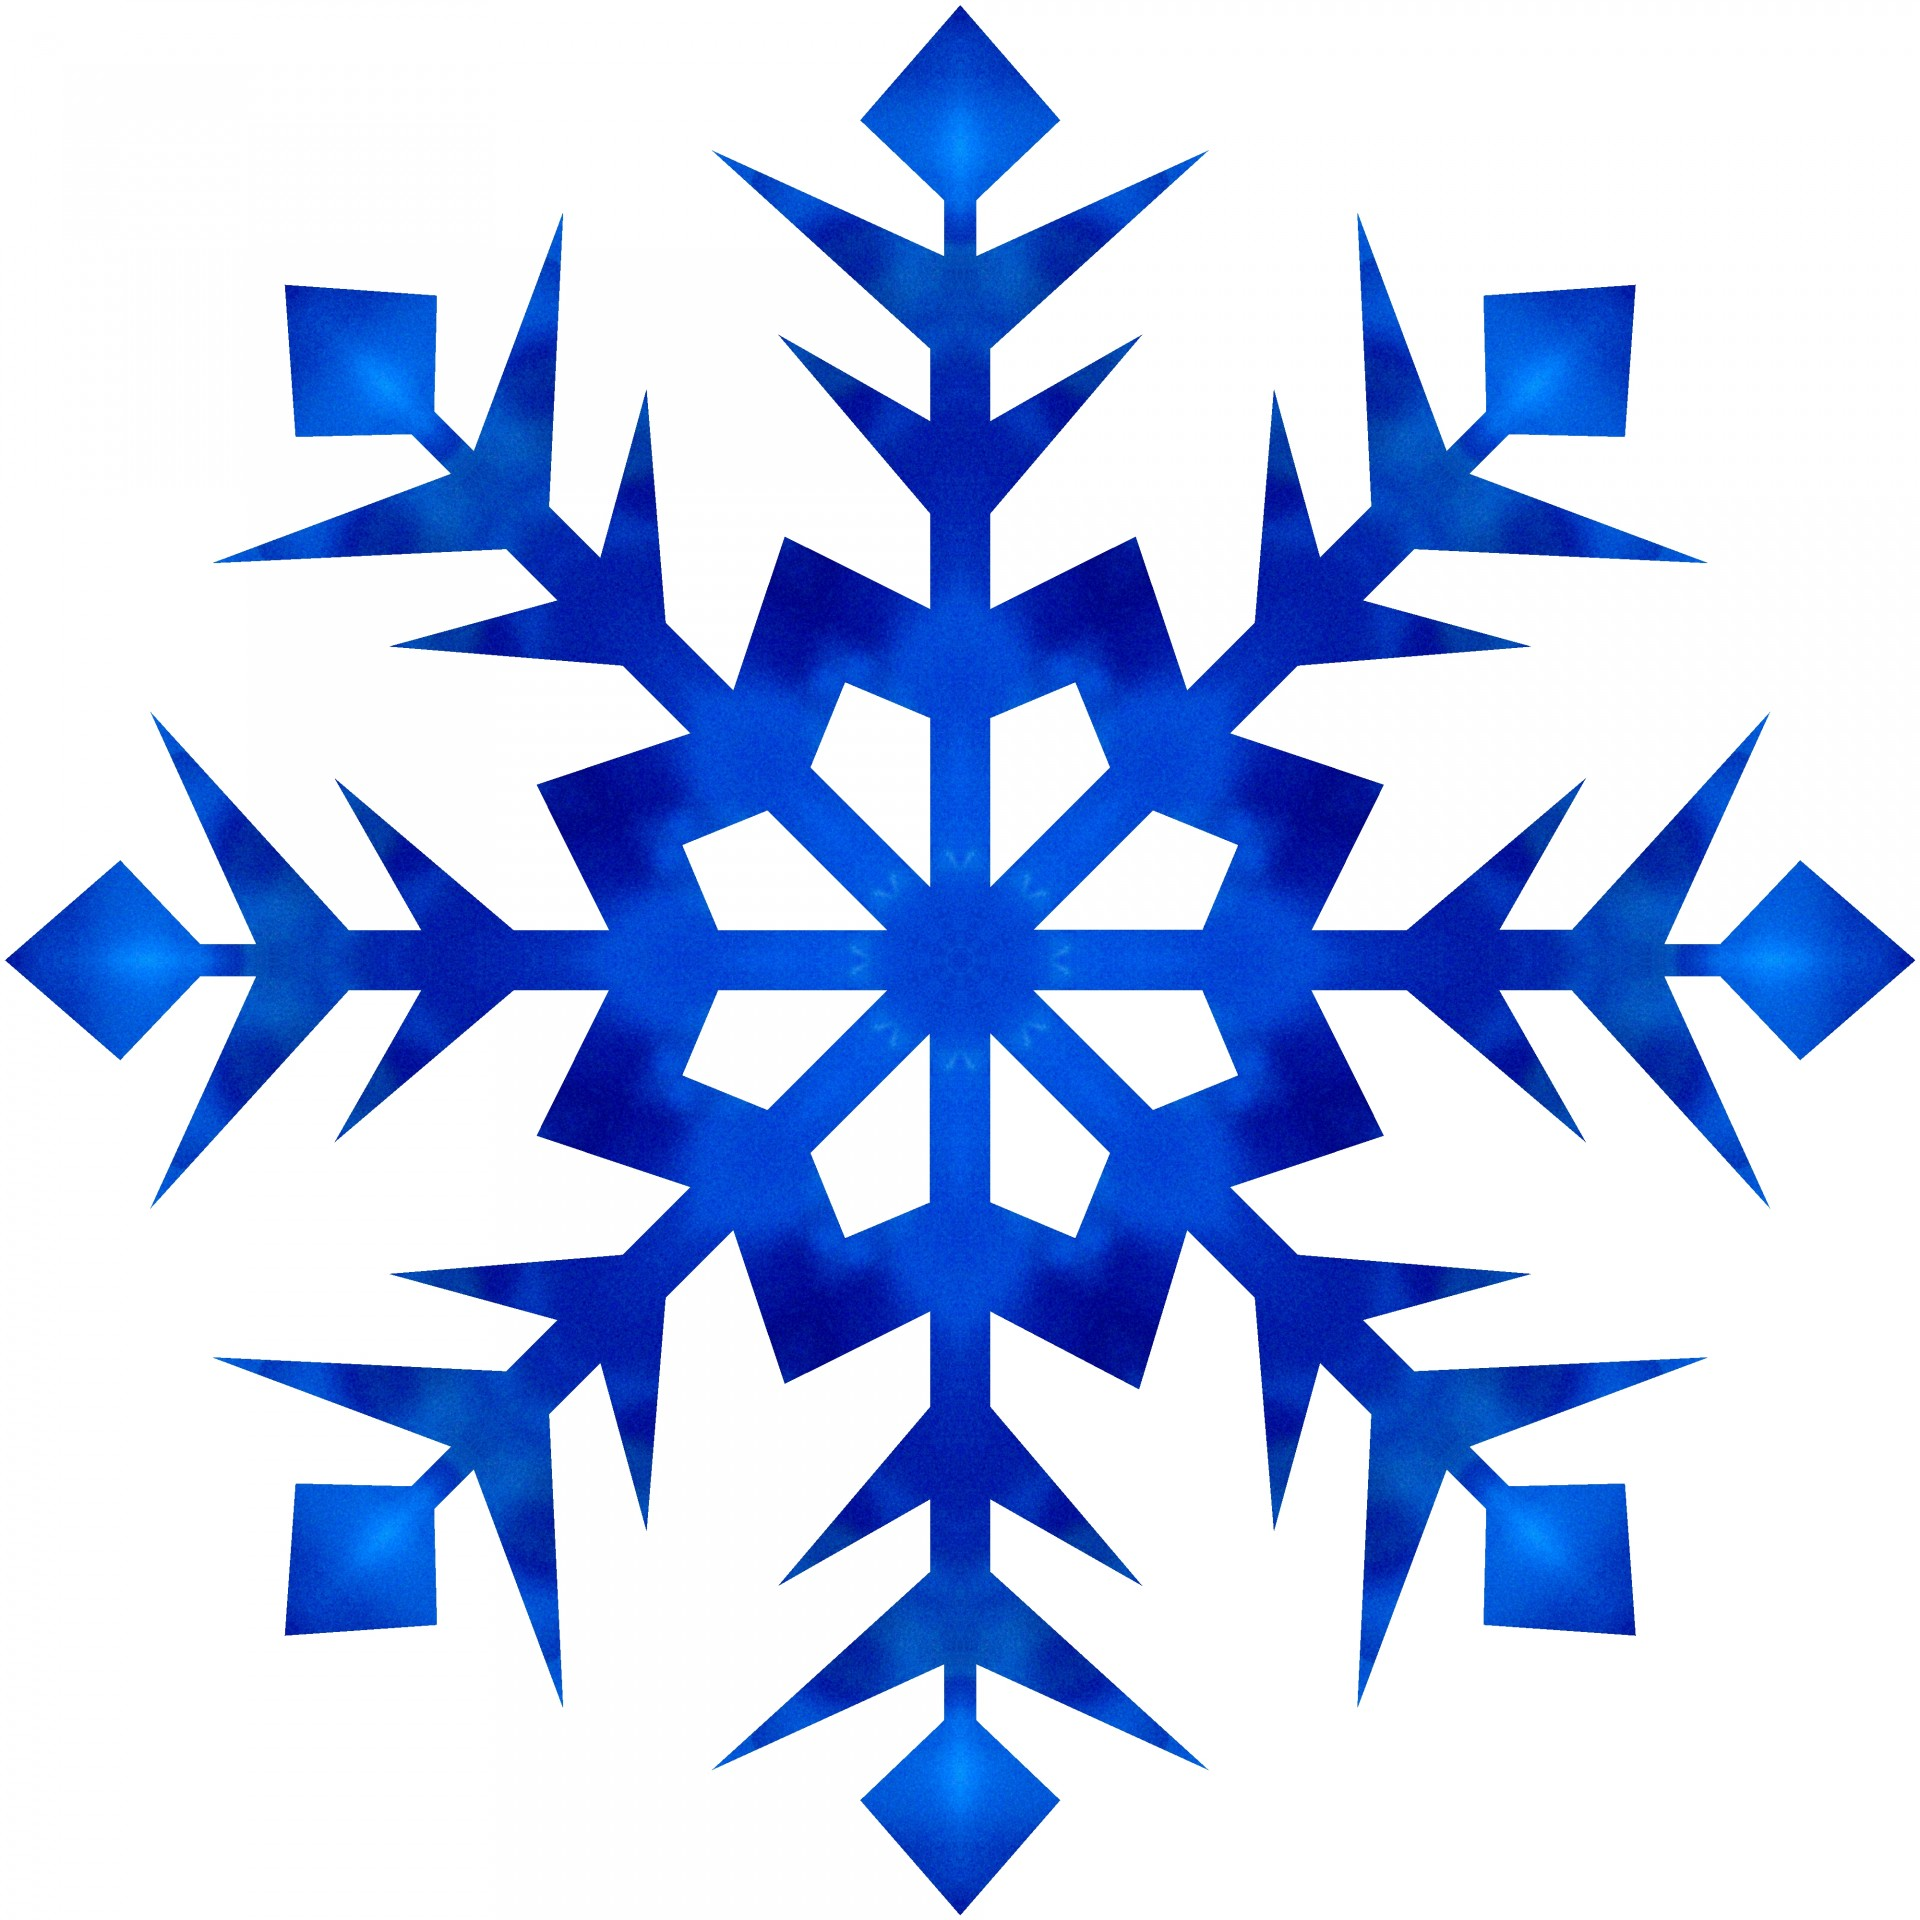 1920x1920 2048 Frozen